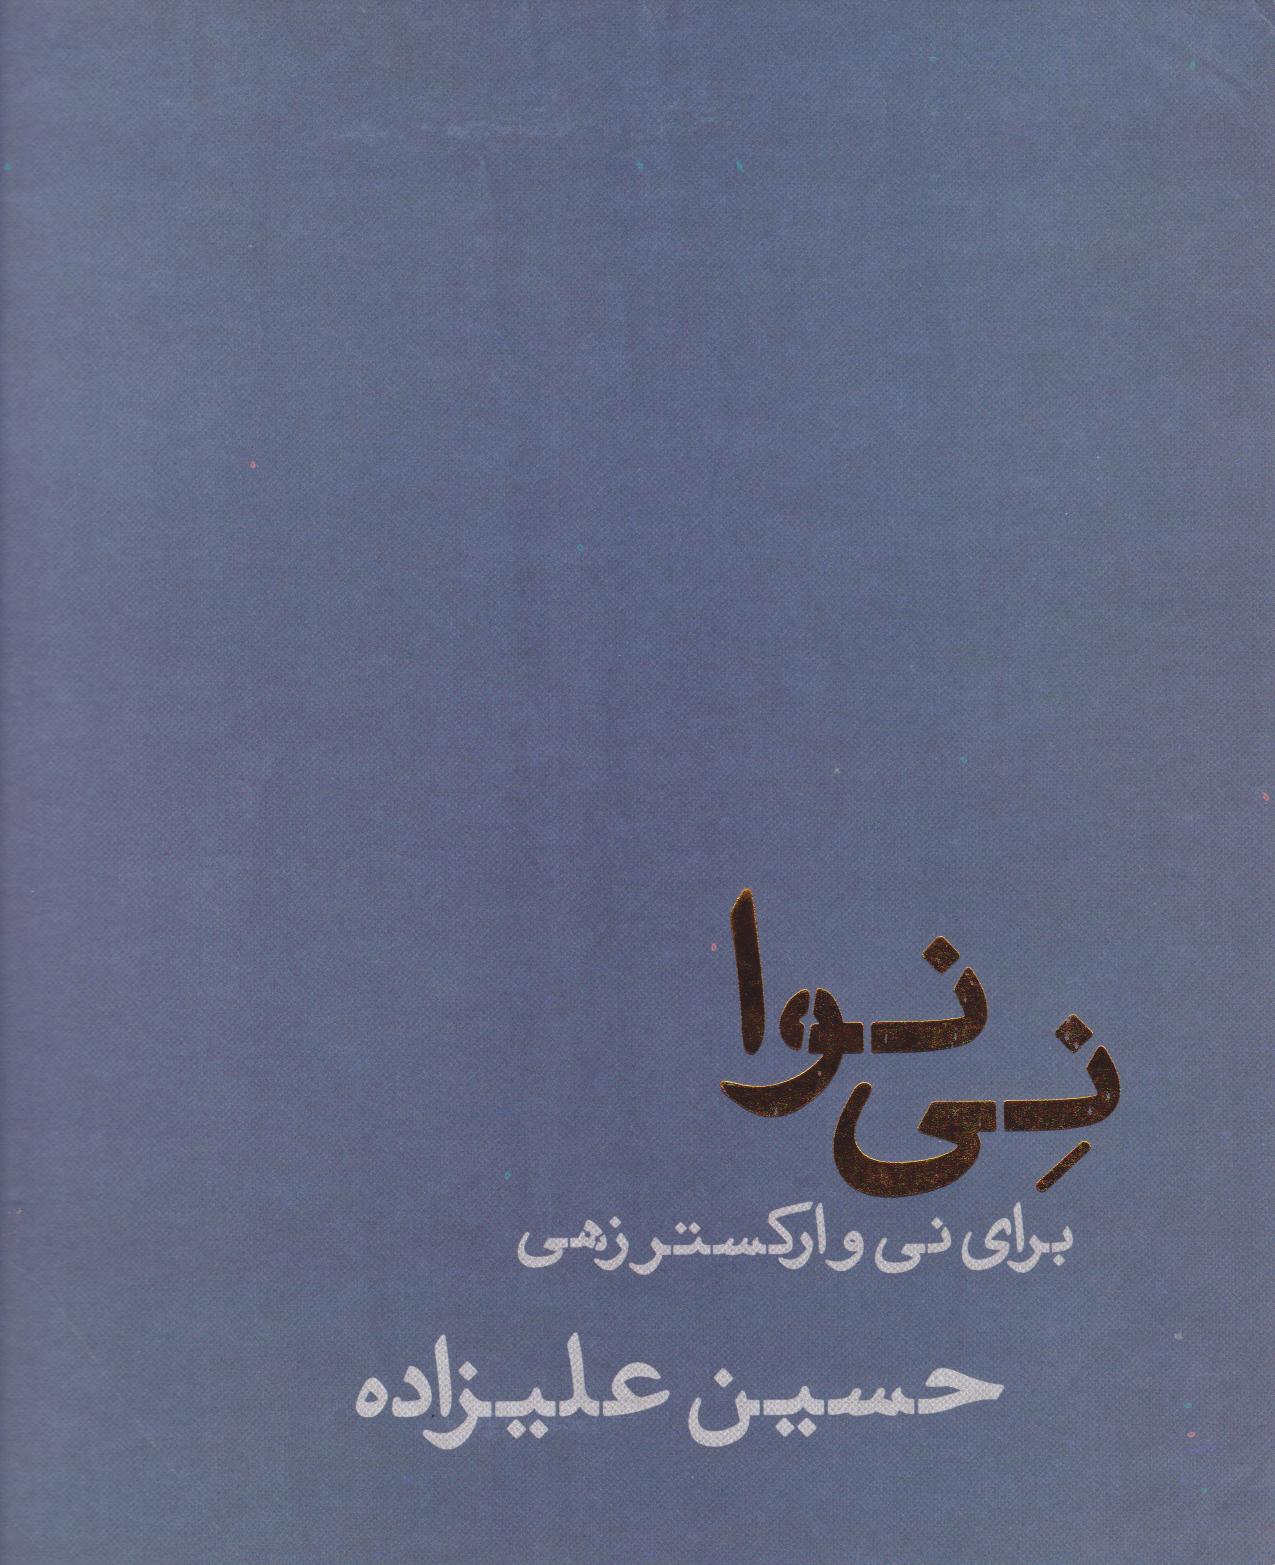 کتاب نینوا برای نی و ارکستر زهی حسین علیزاده انتشارات تار و پود